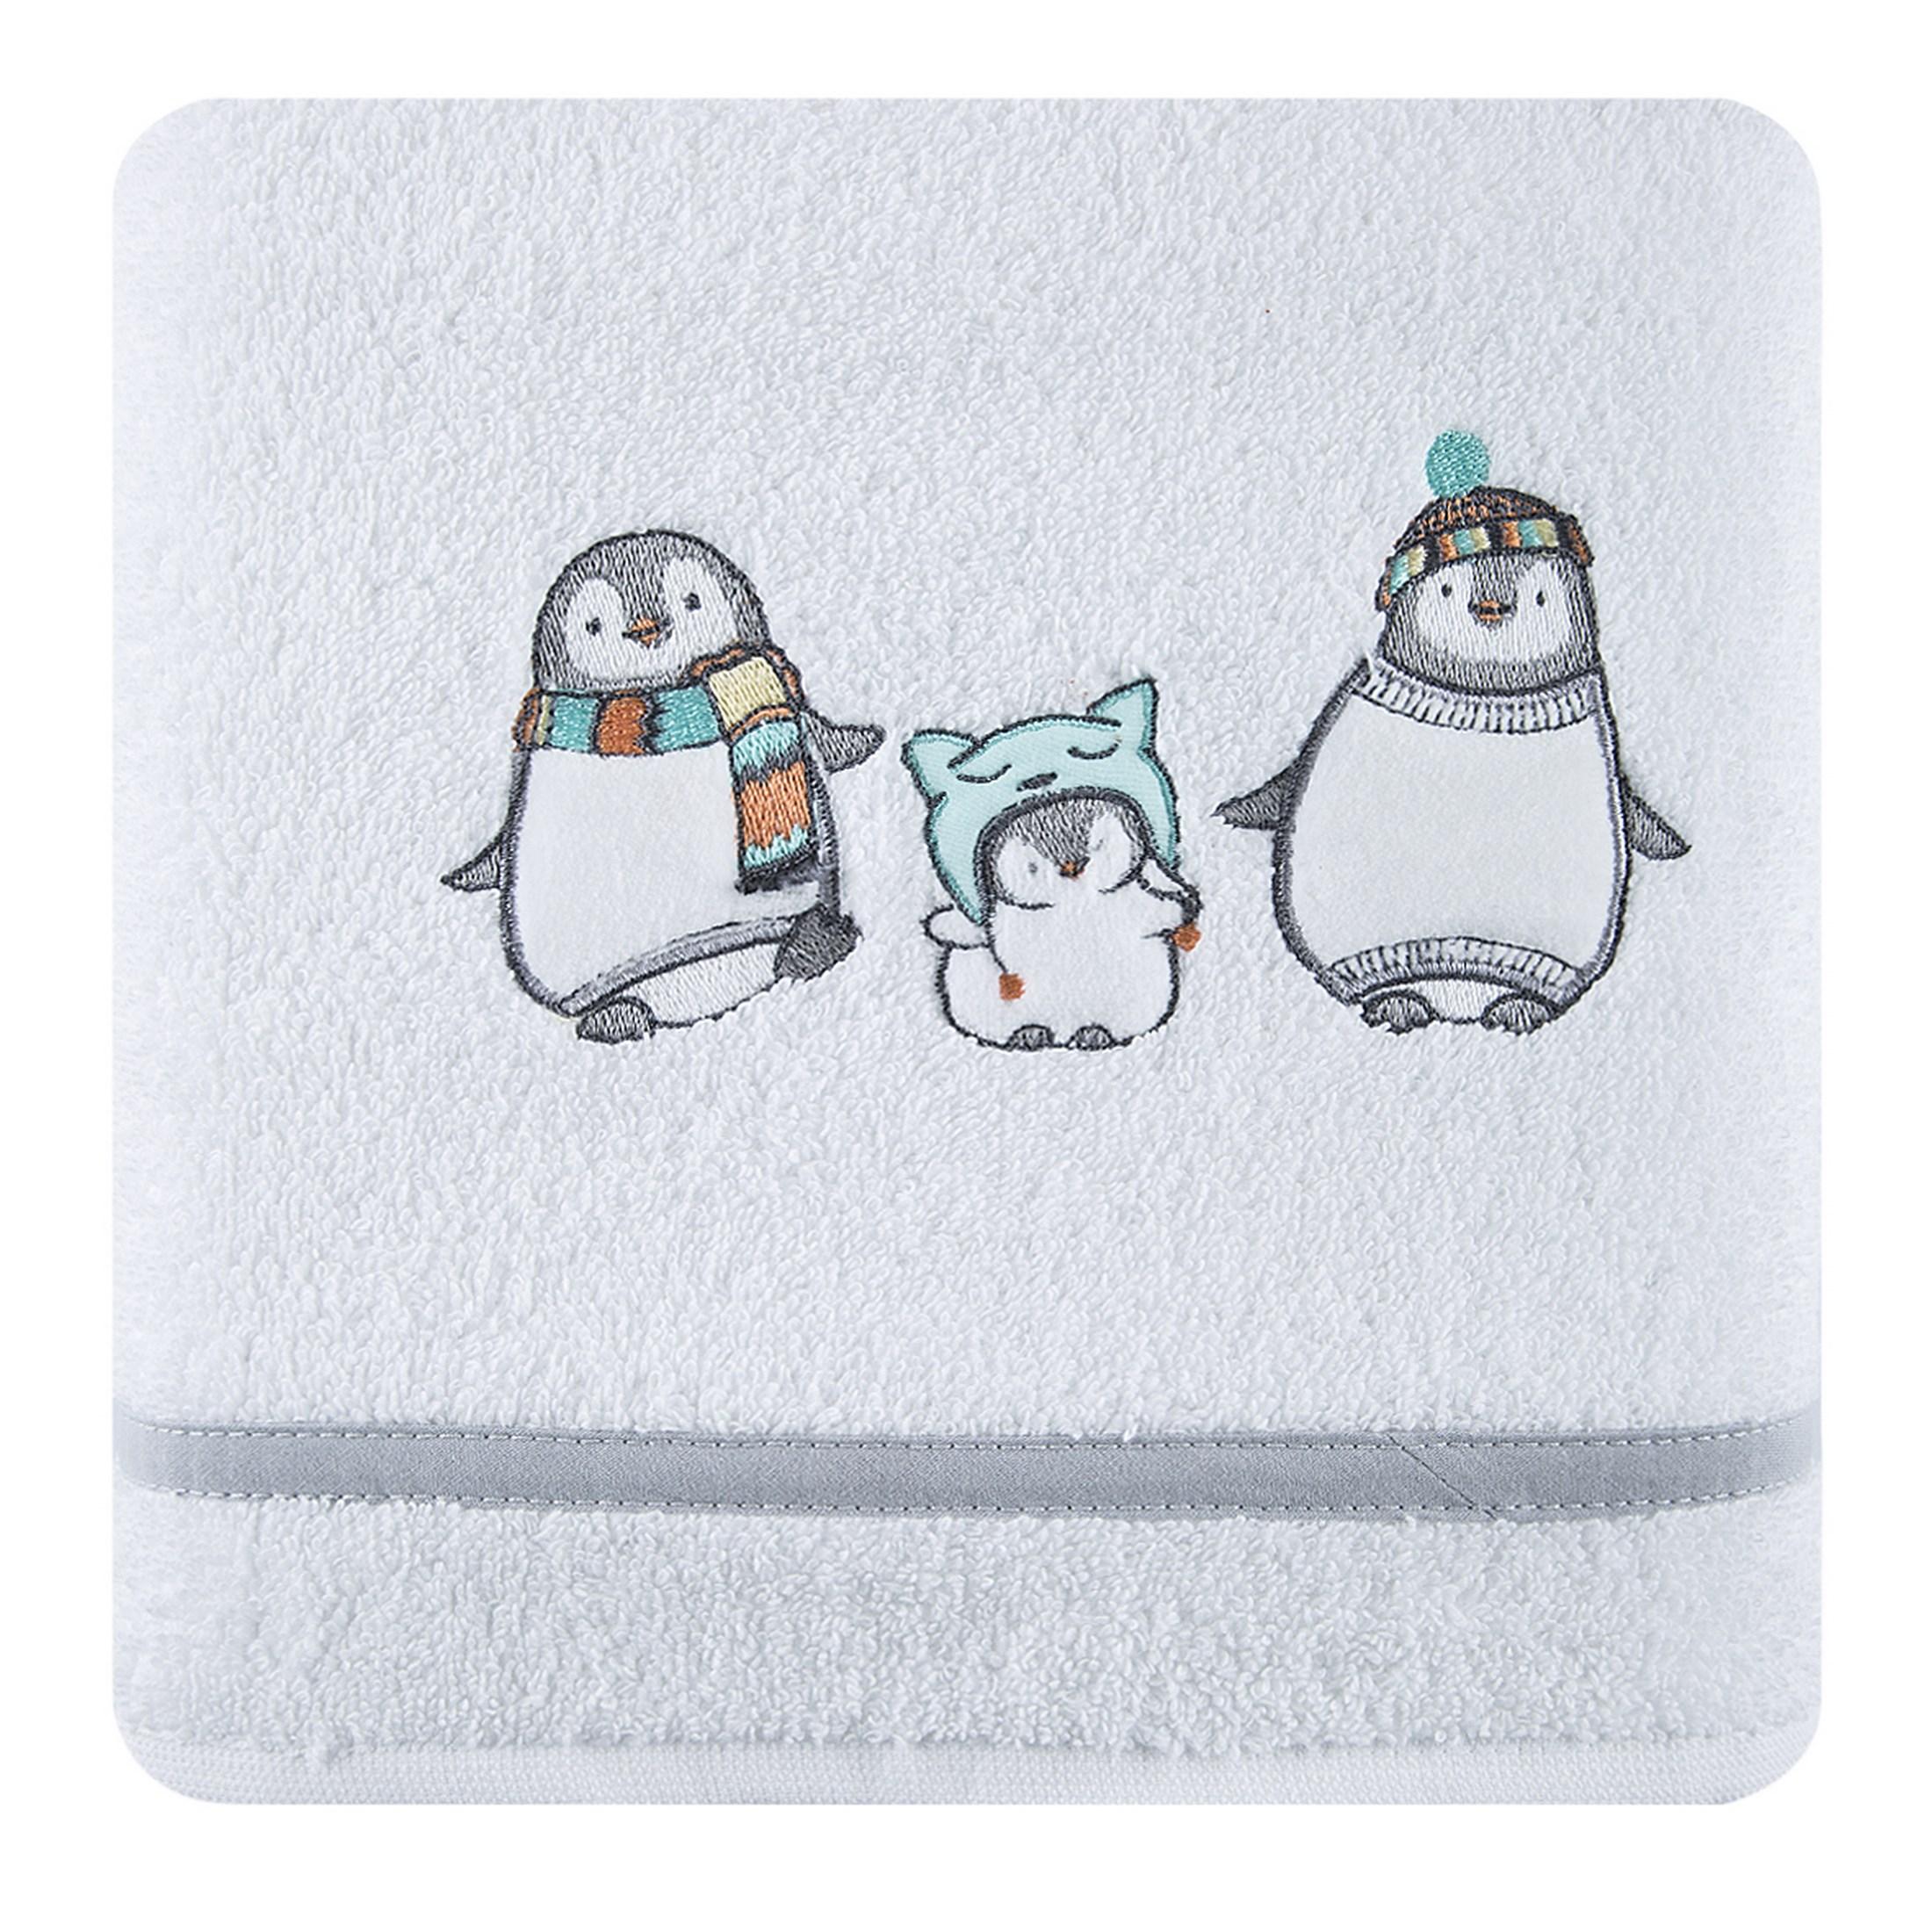 Dětský ručník BABY12 50x90 Ručníky a osušky